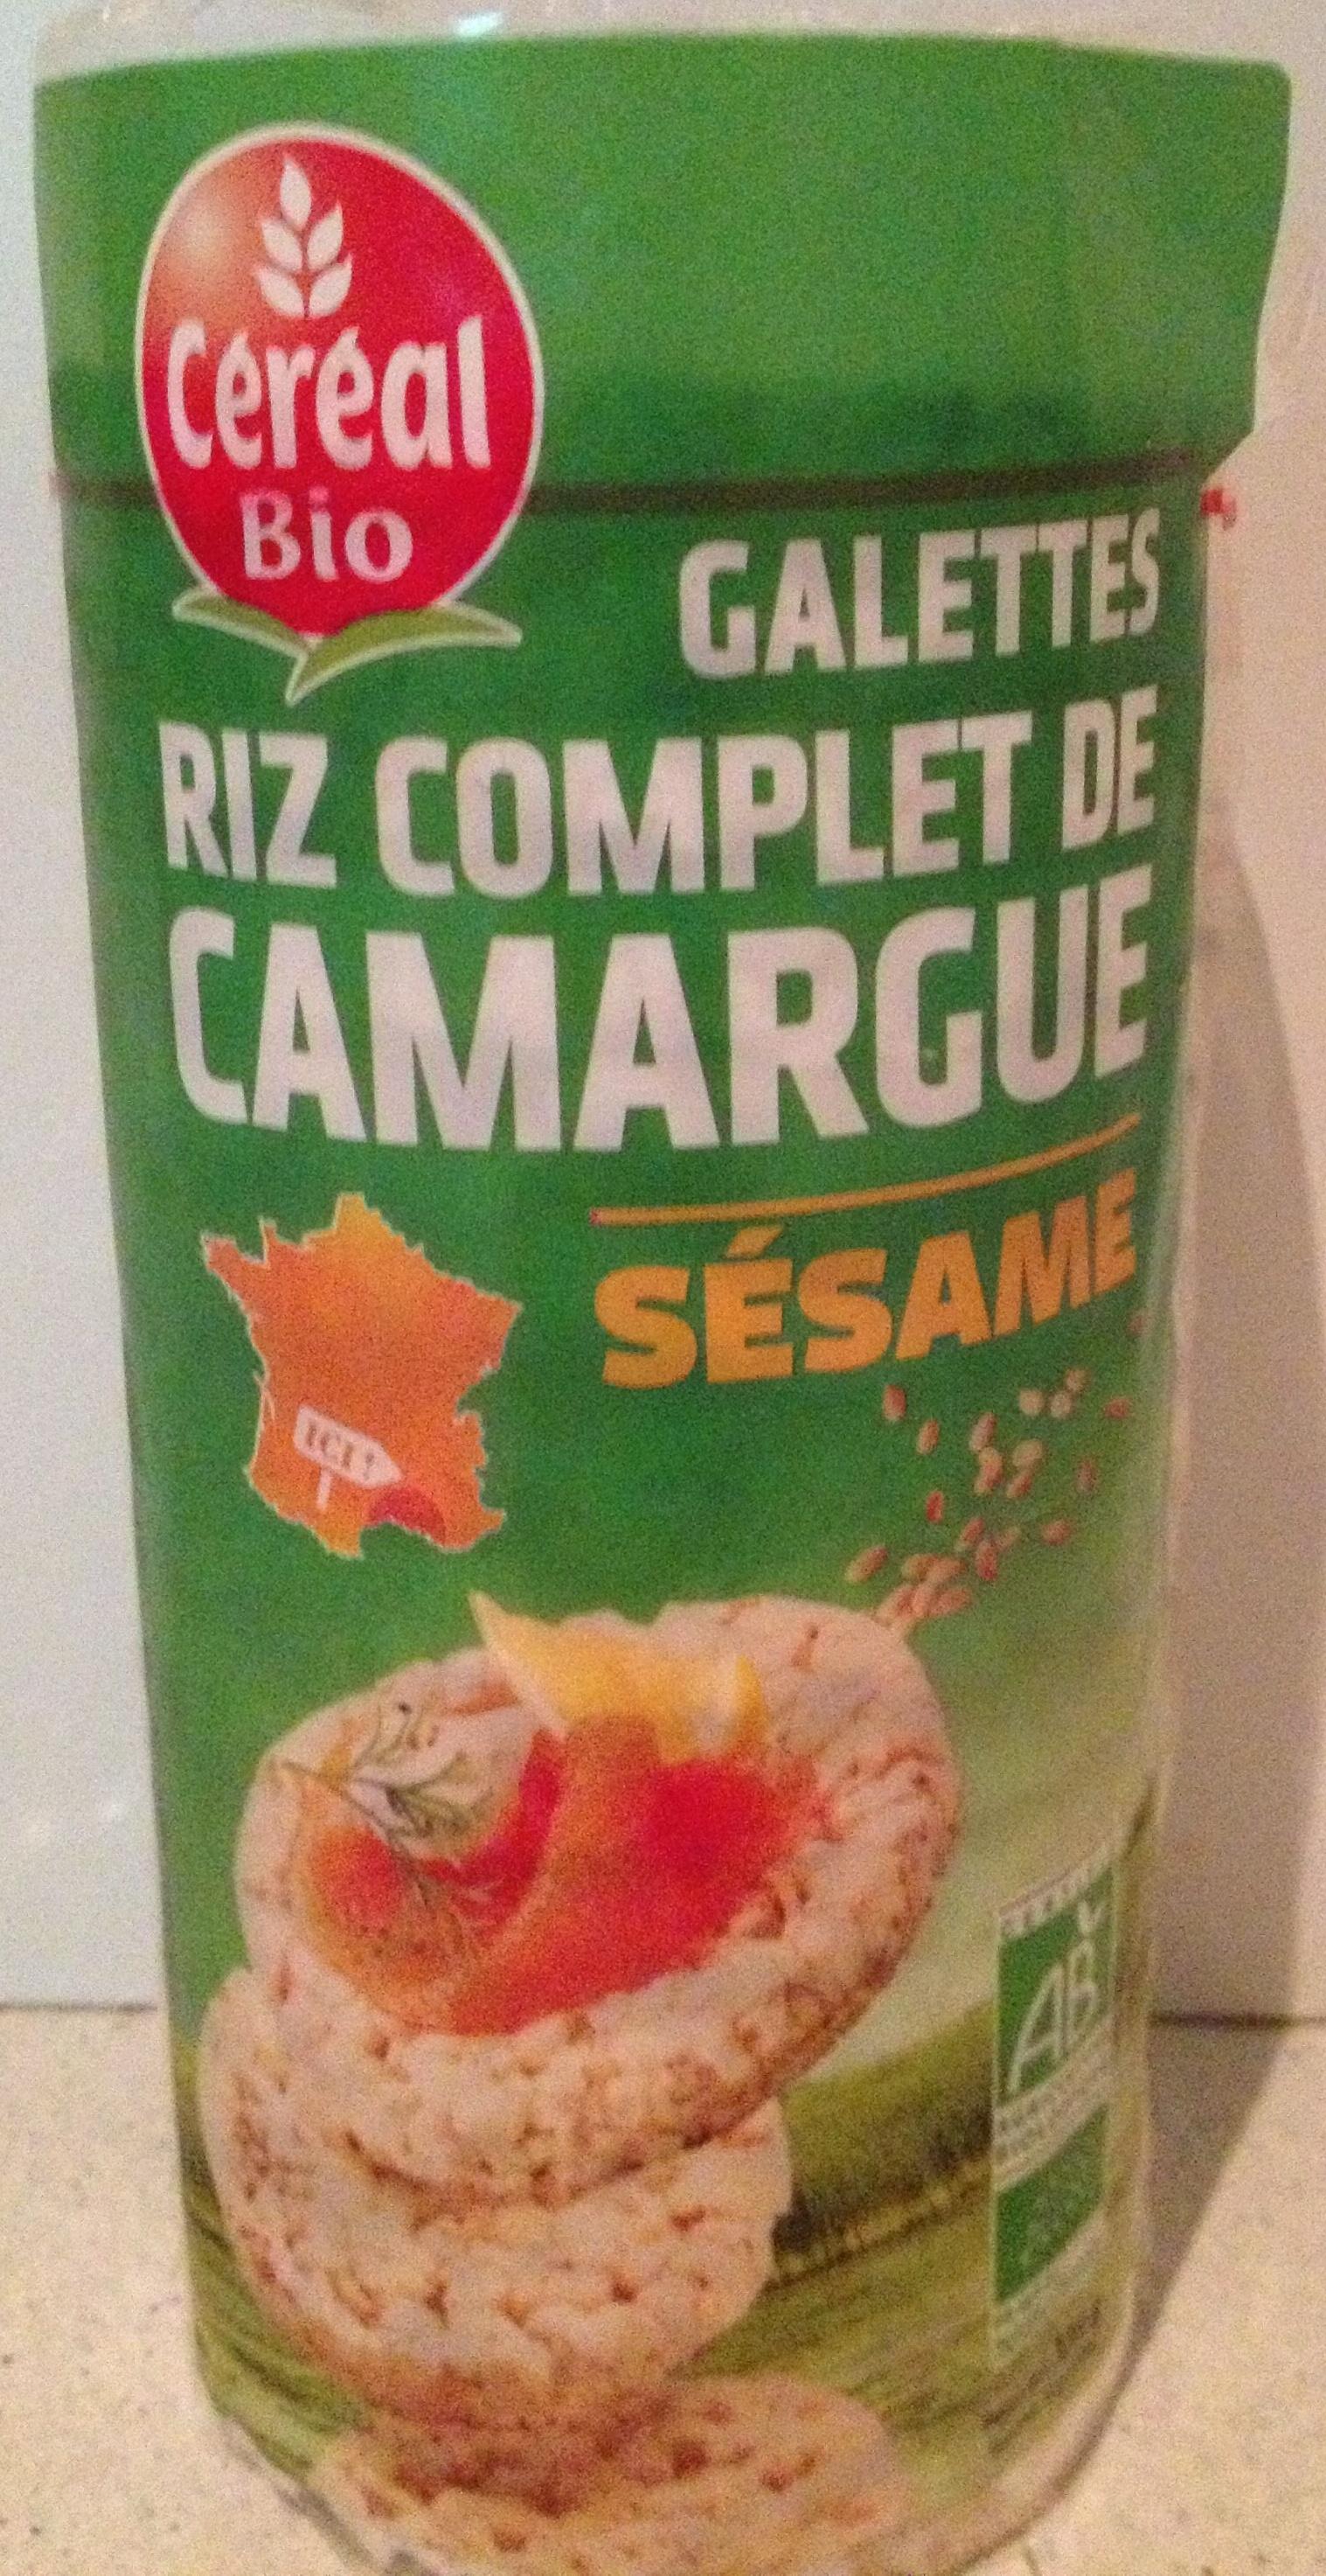 Galettes Riz complet de Camargue au sésame - Product